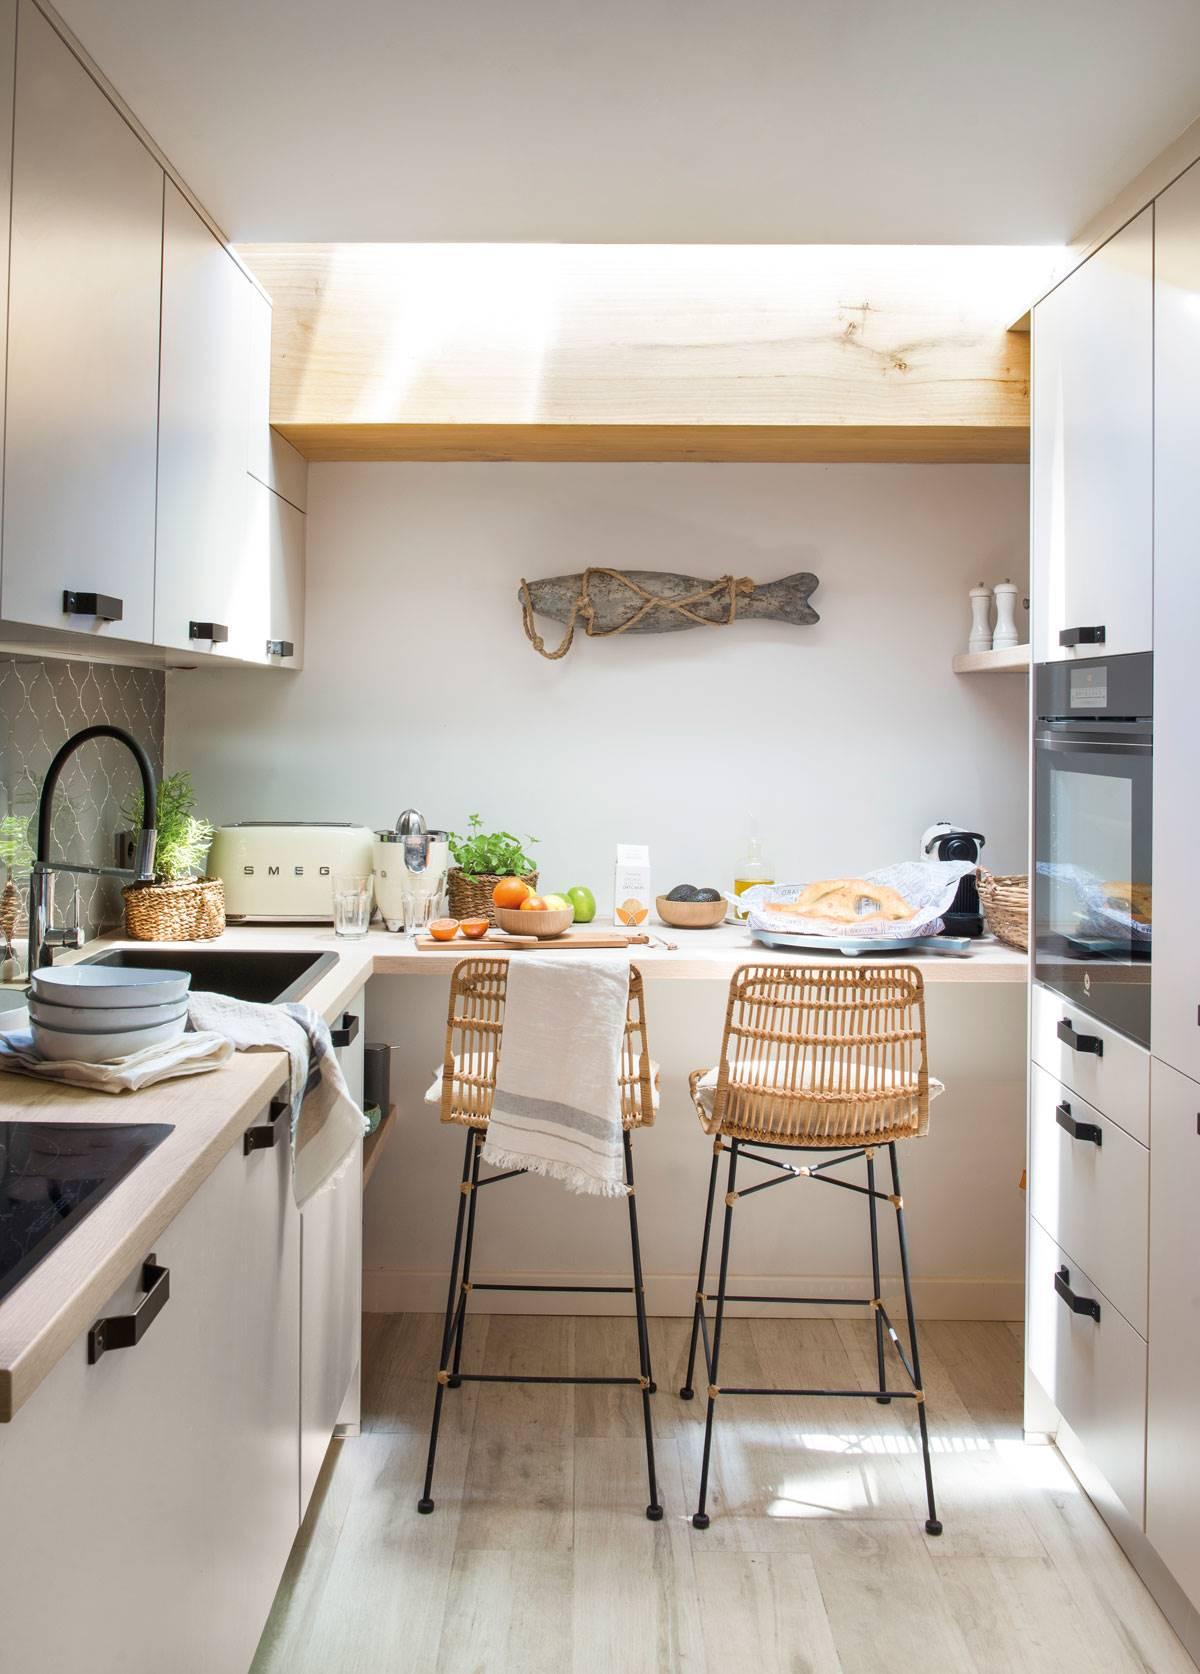 2710 Fotos De Muebles De Cocina Pagina 3